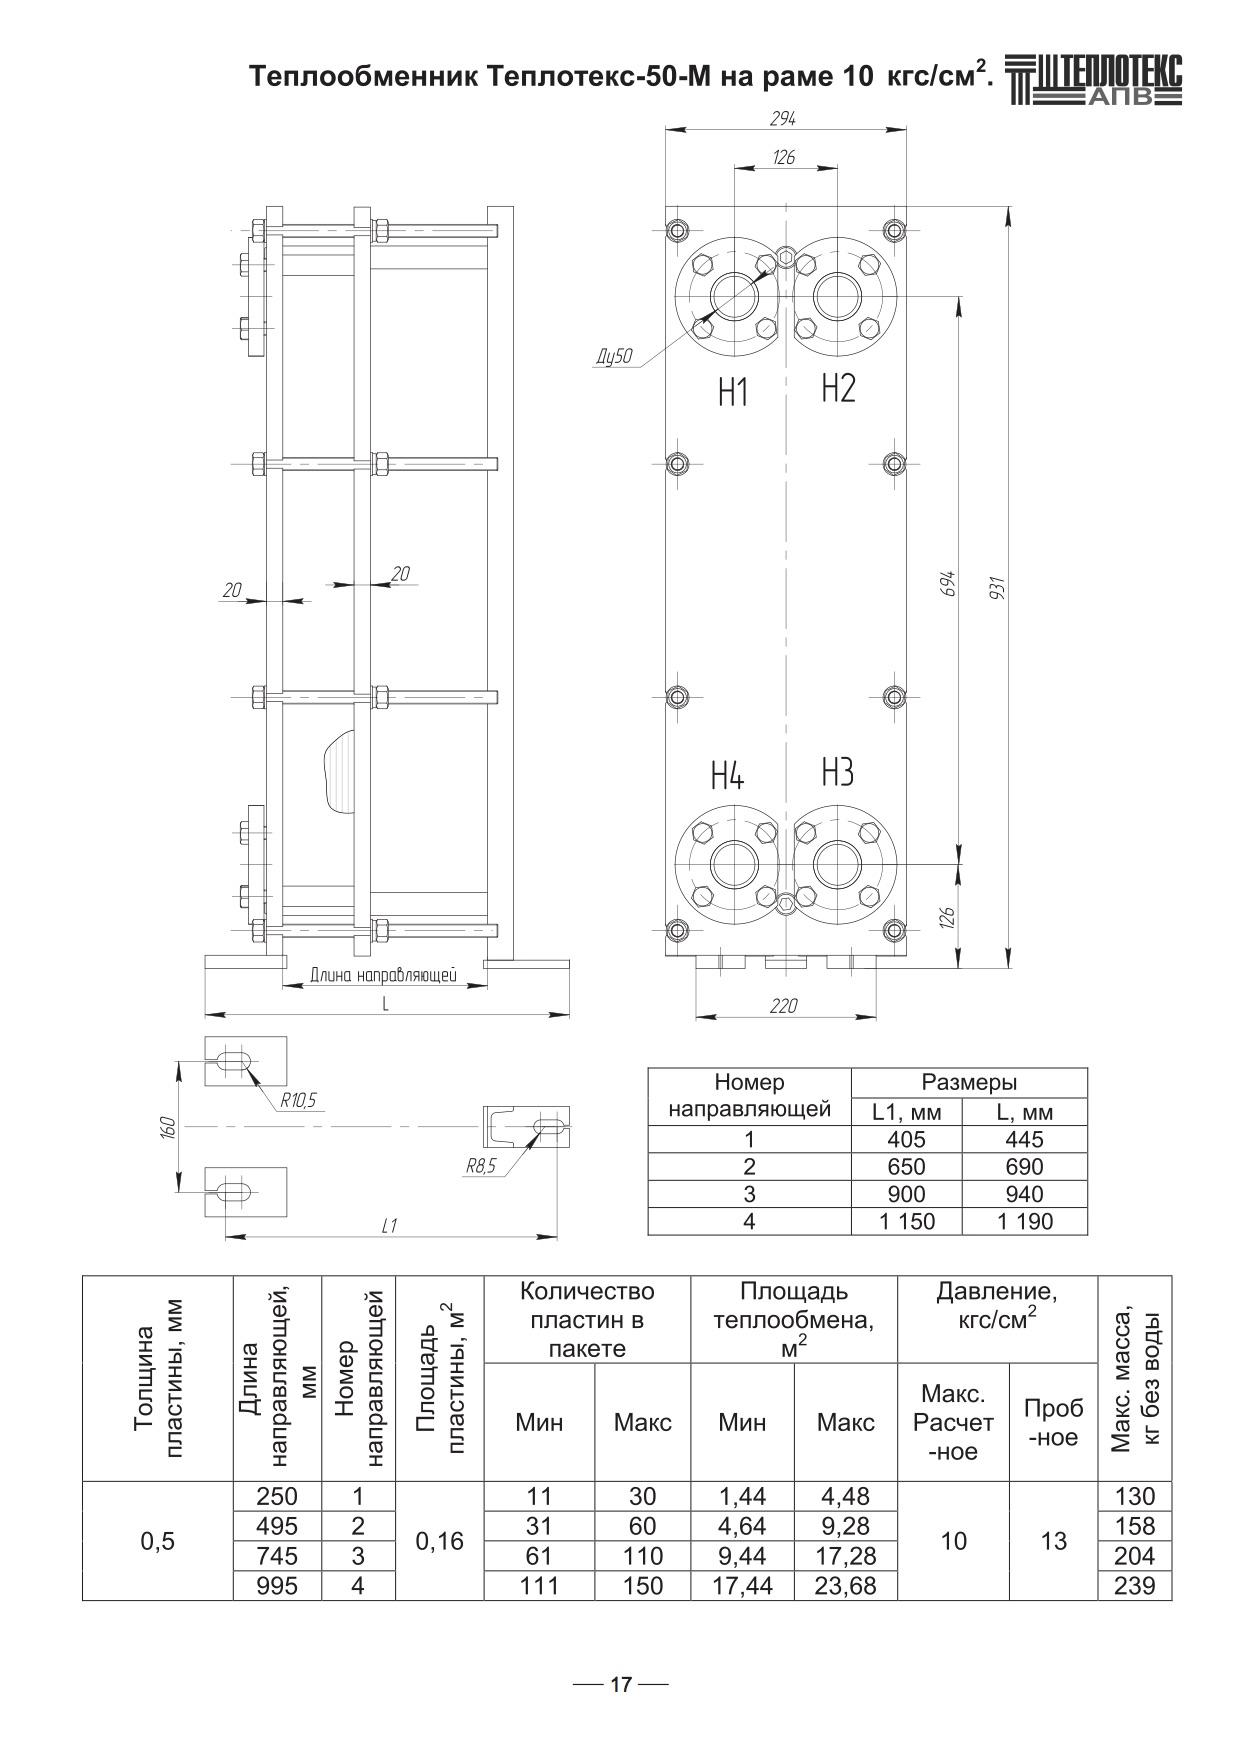 Пластины теплообменника Теплотекс 50M Невинномысск Паяный теплообменник Sondex SLS14 Бийск